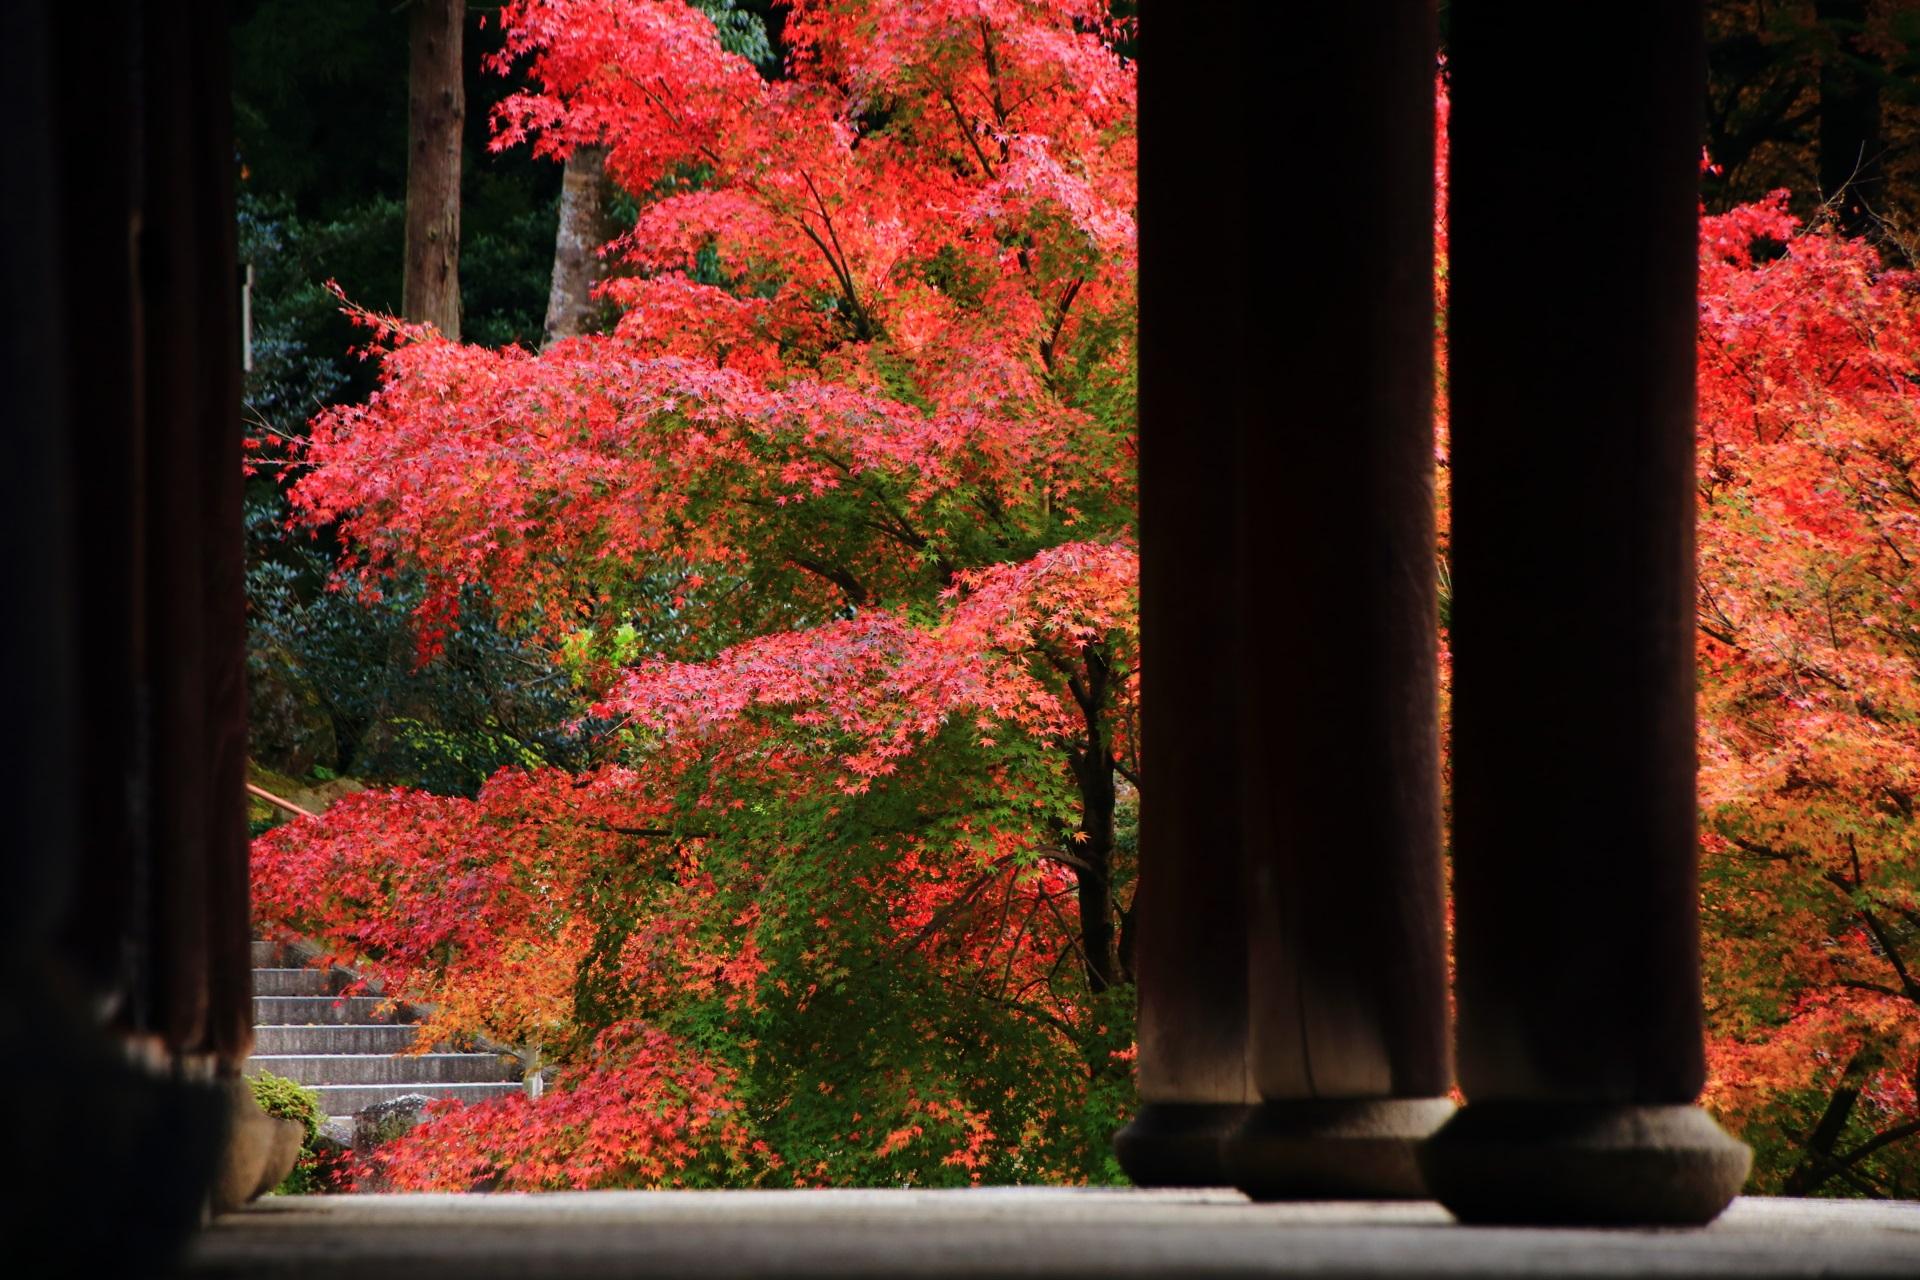 知恩院の経蔵の柱越しに眺めた溢れ出す燃えるような紅葉